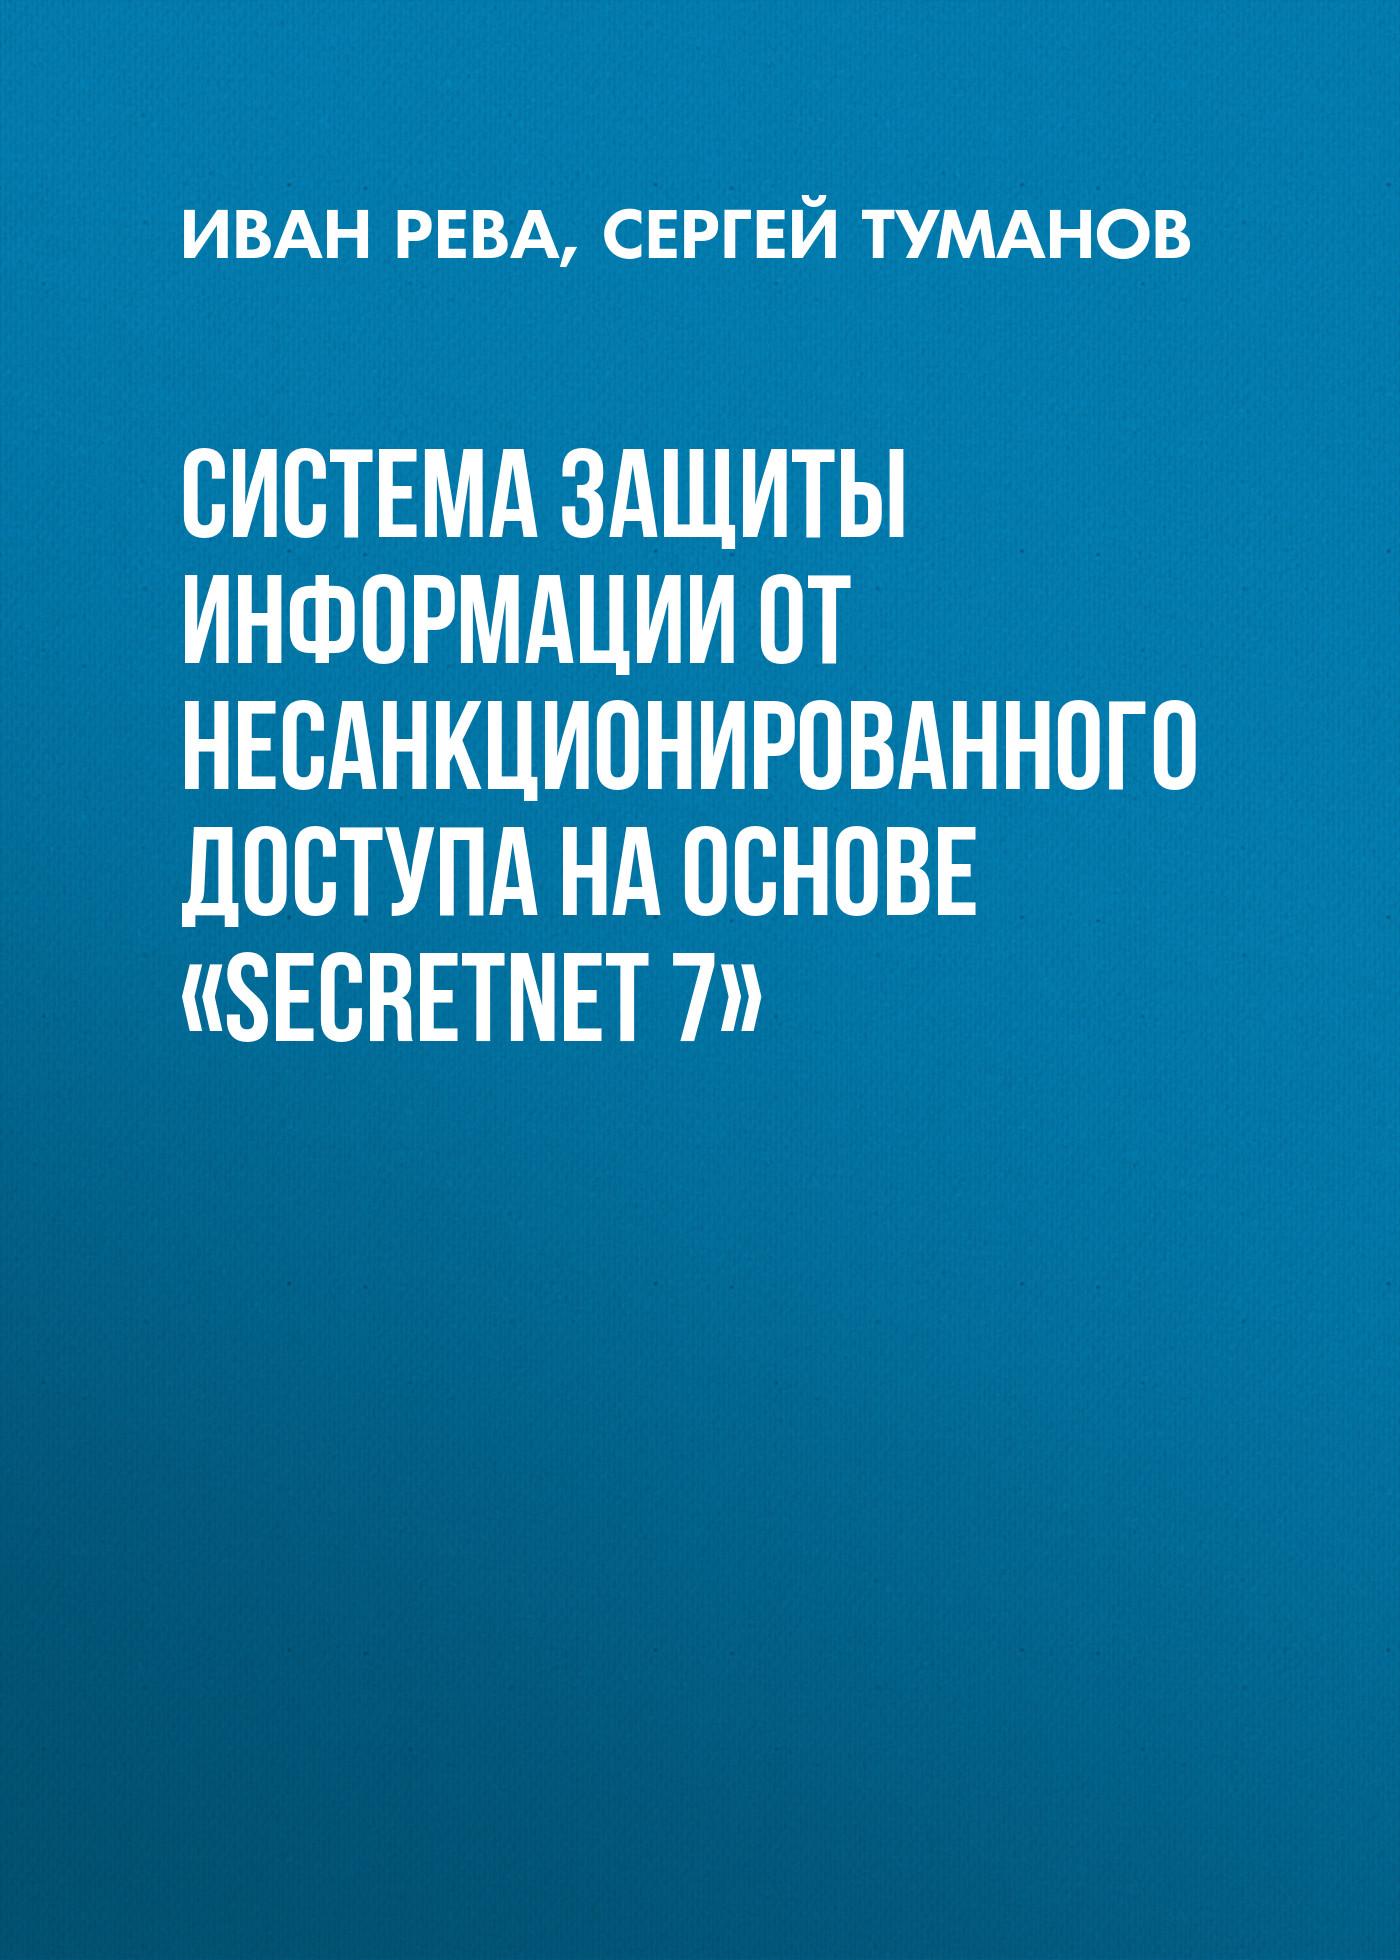 Иван Рева Система защиты информации от несанкционированного доступа на основе «SecretNet 7» андрей помешкин система защиты информации от несанкционированного доступа на основе программно аппаратного комплекса secret net 5 0